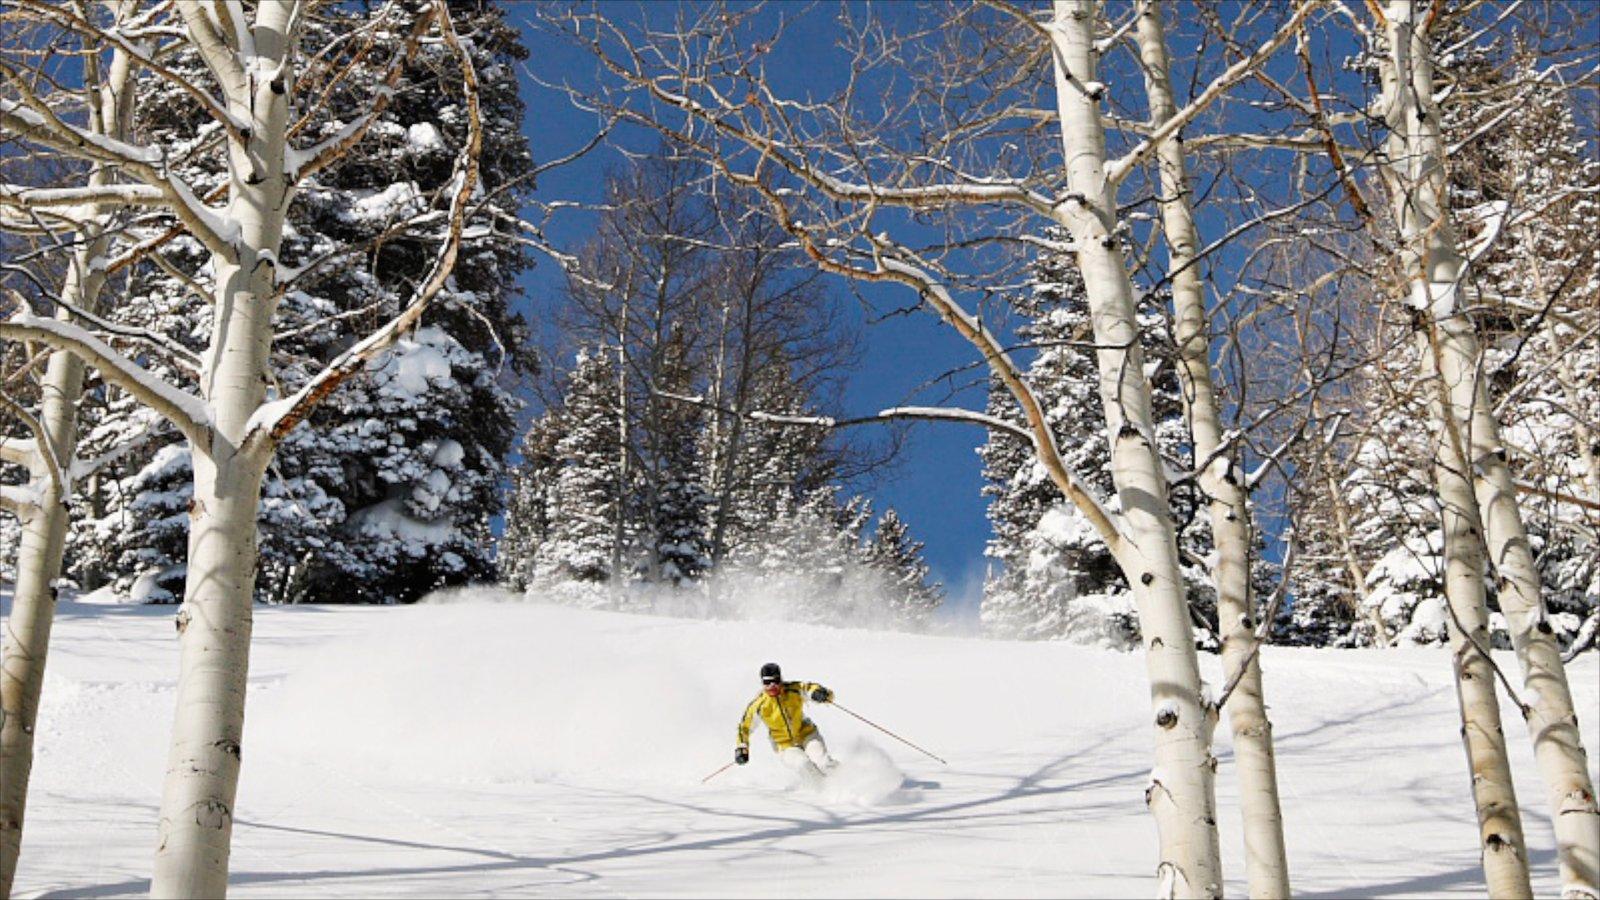 Park City Mountain Resort mostrando nieve, montañas y esquiar en la nieve